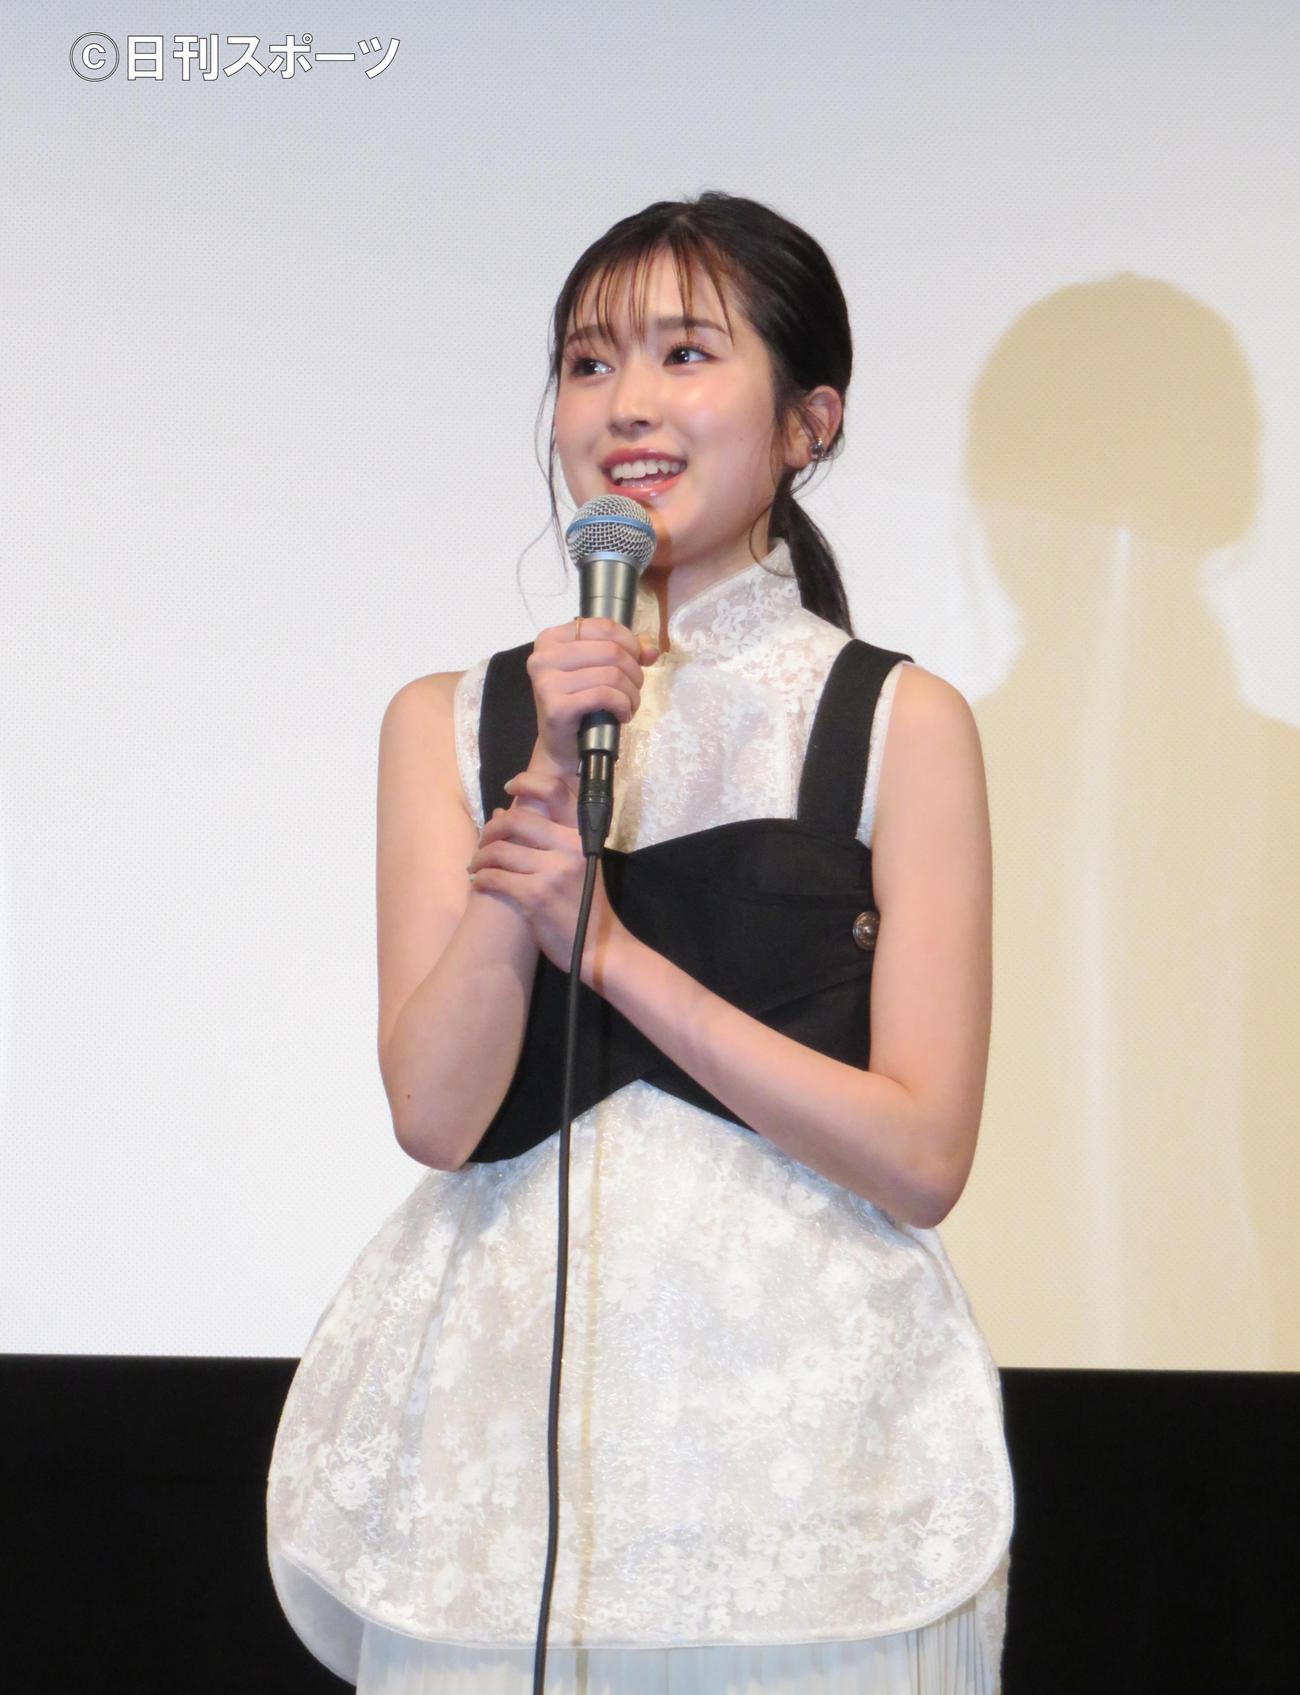 映画「しあわせのマスカット」で映画単独初主演した福本莉子